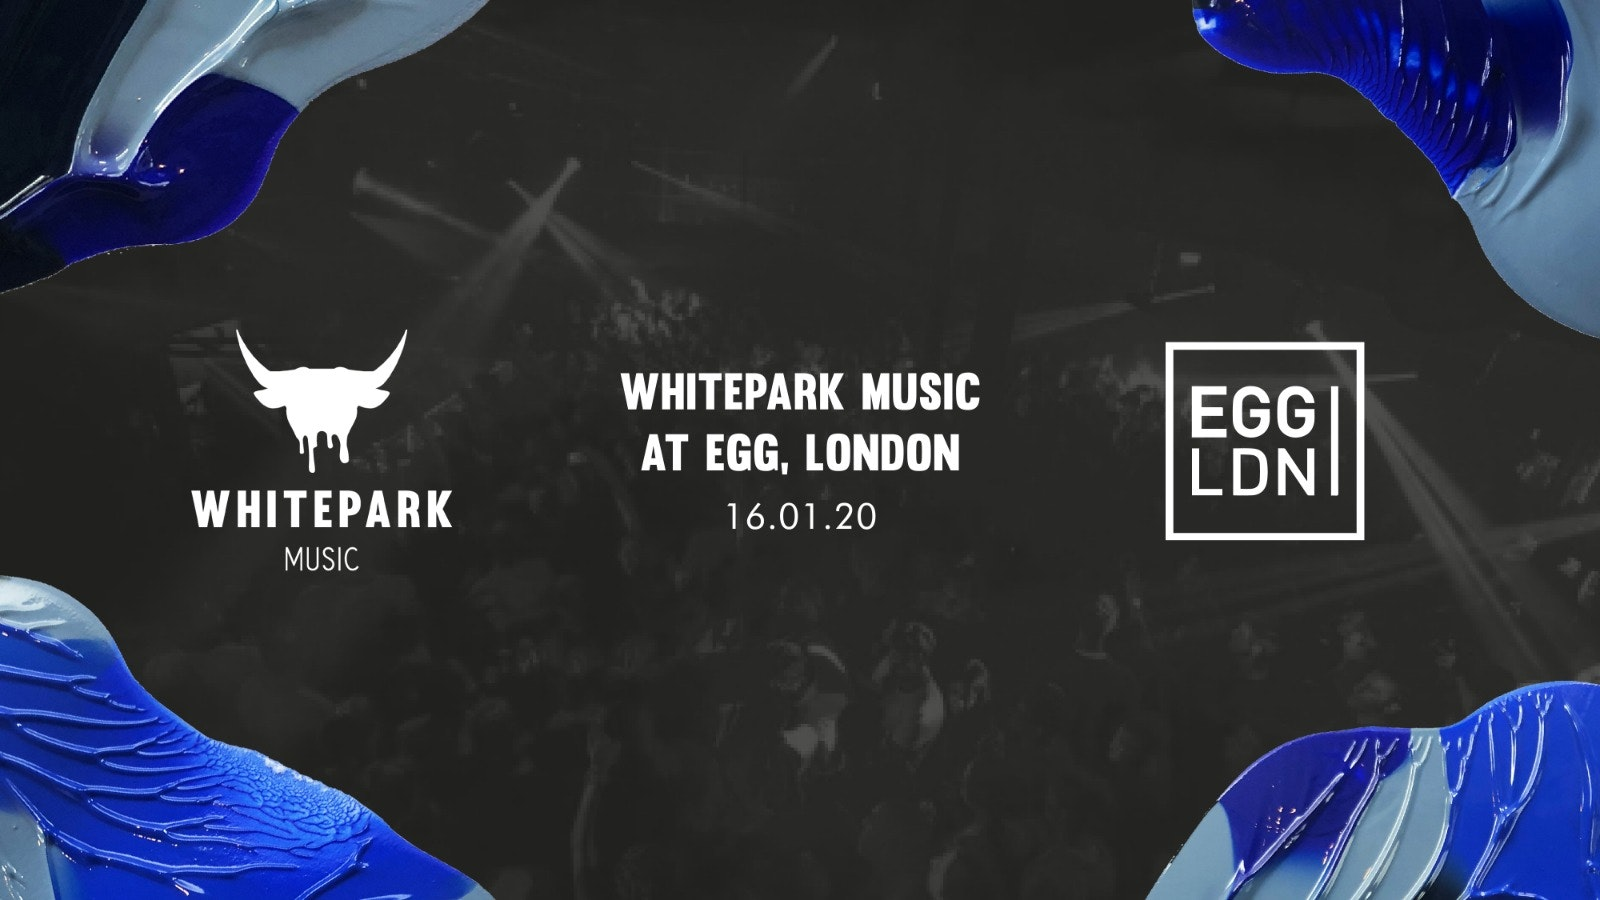 Whitepark at EGG London